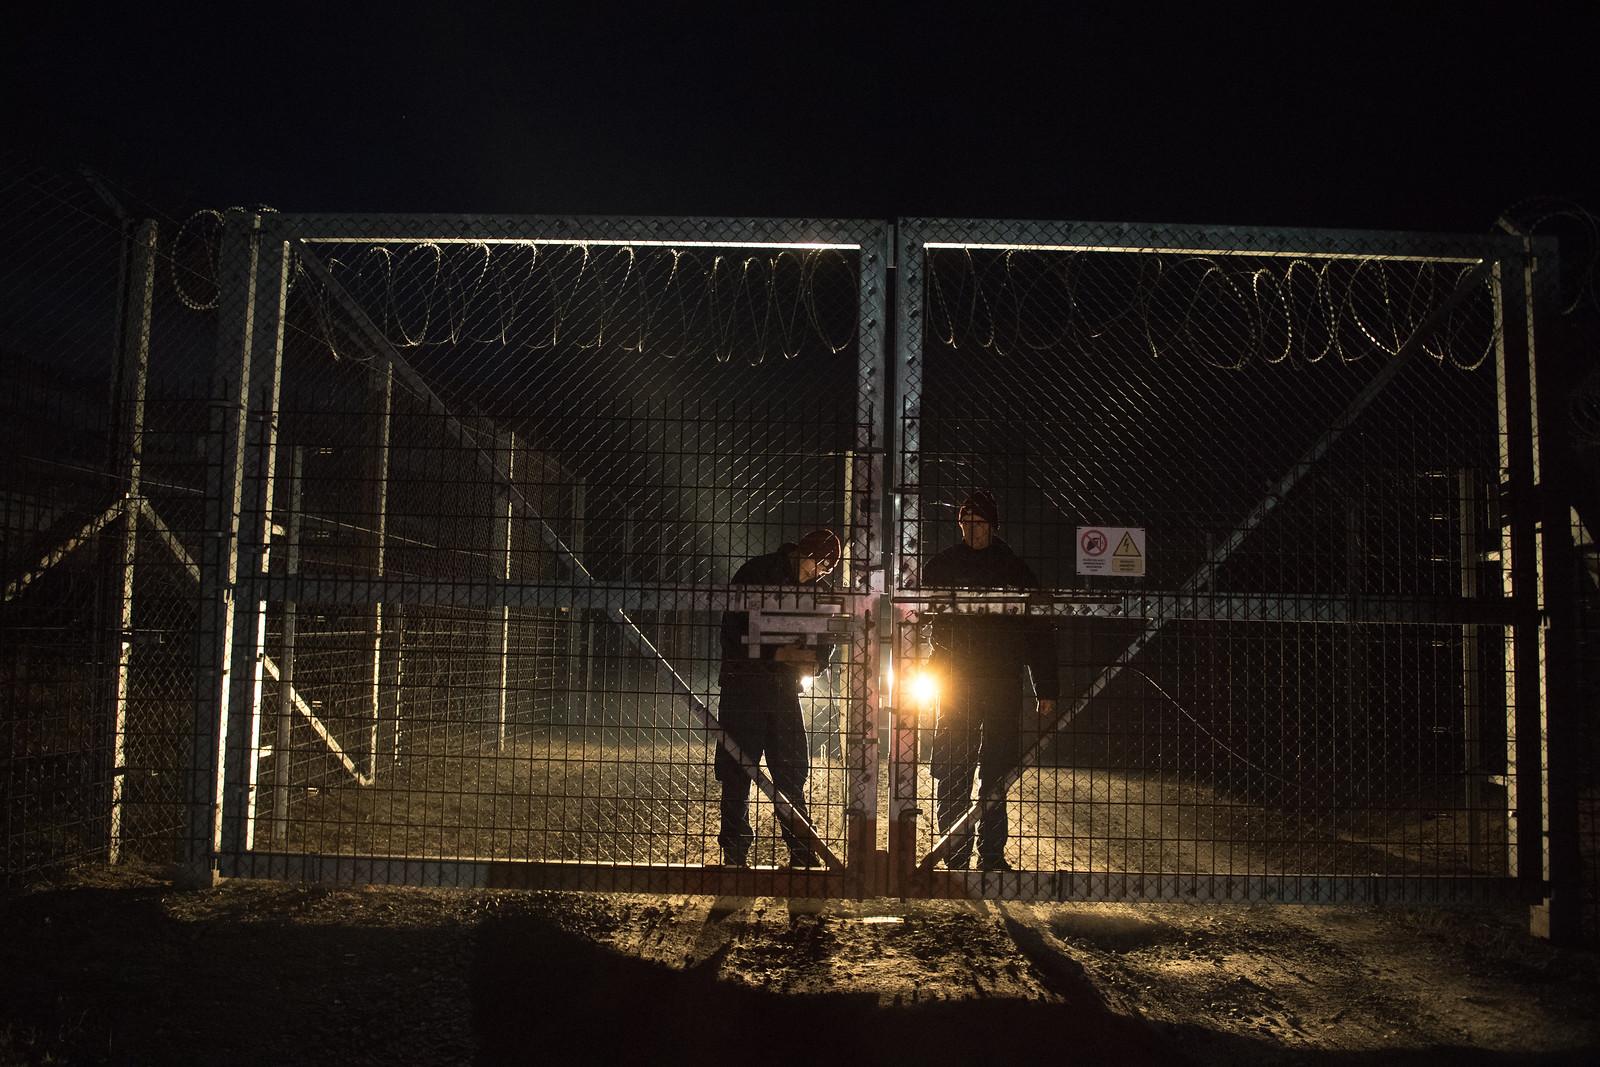 Zacskós embercsempészek és soha nem látott migránsok árasztottákel Szegedet a Délmagyarország szombati cikke szerint